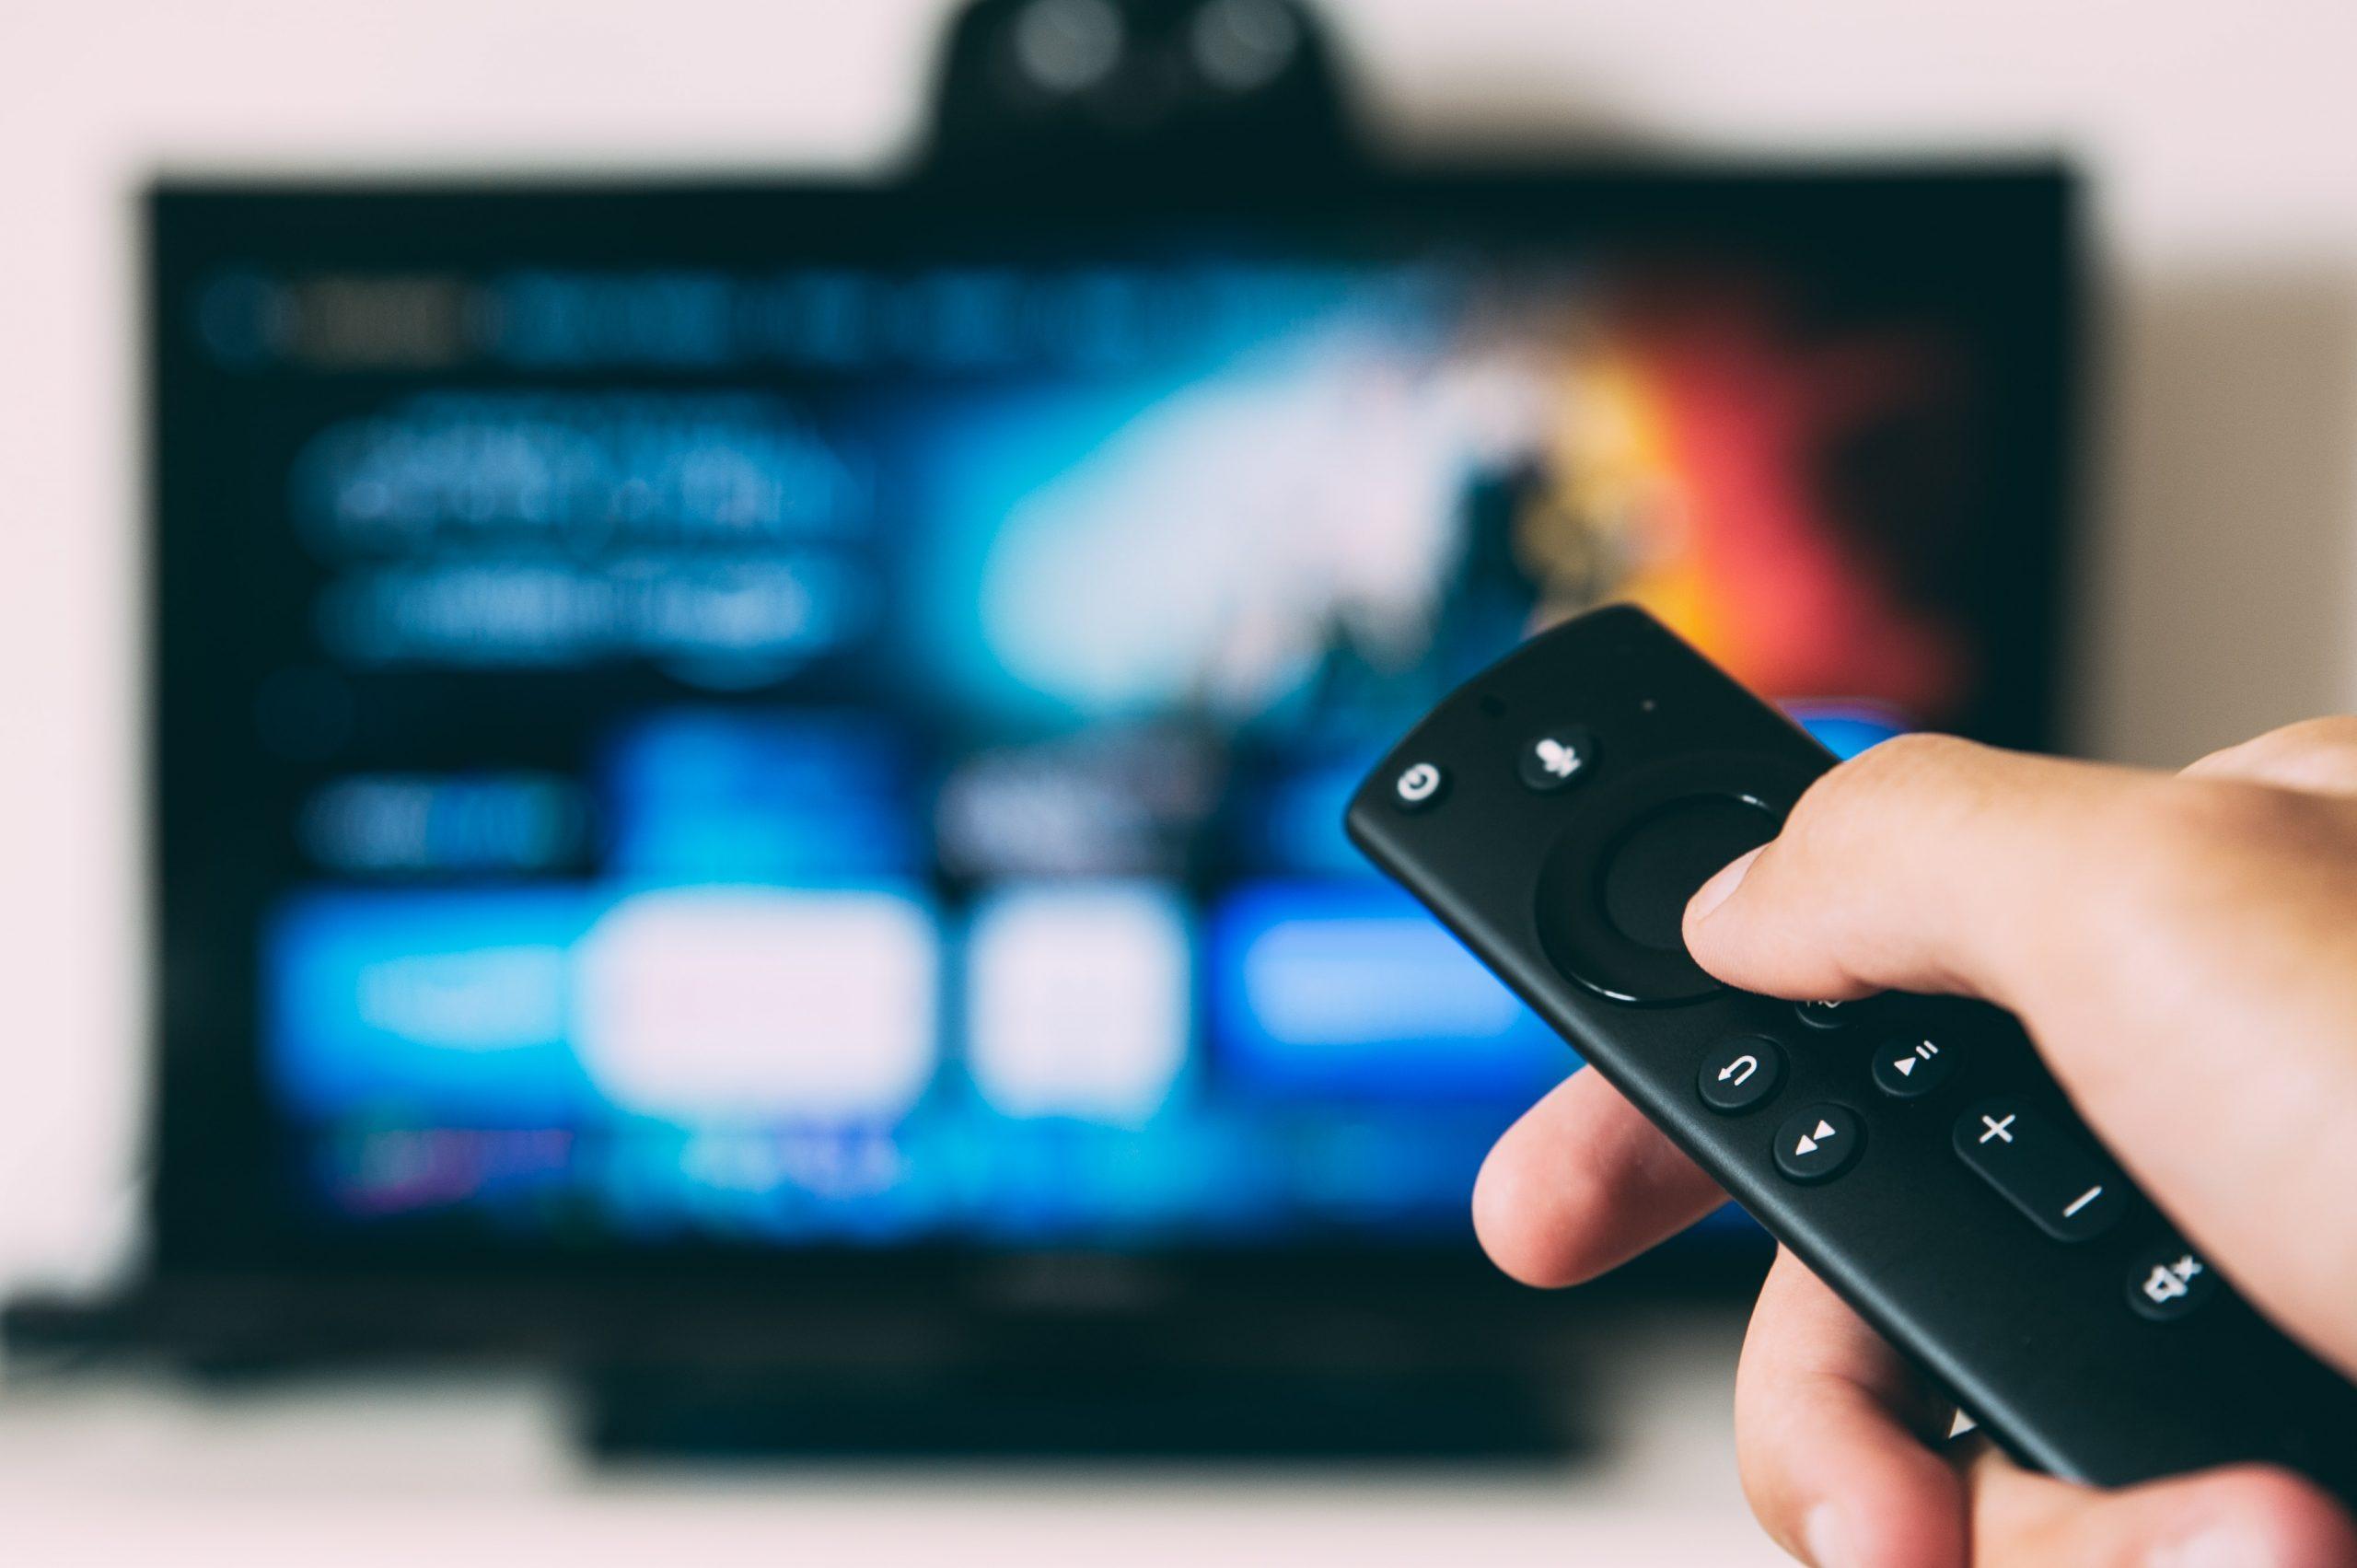 imagem de mão apertando controle remoto e televisão ao fundo com Amazon Prime Video